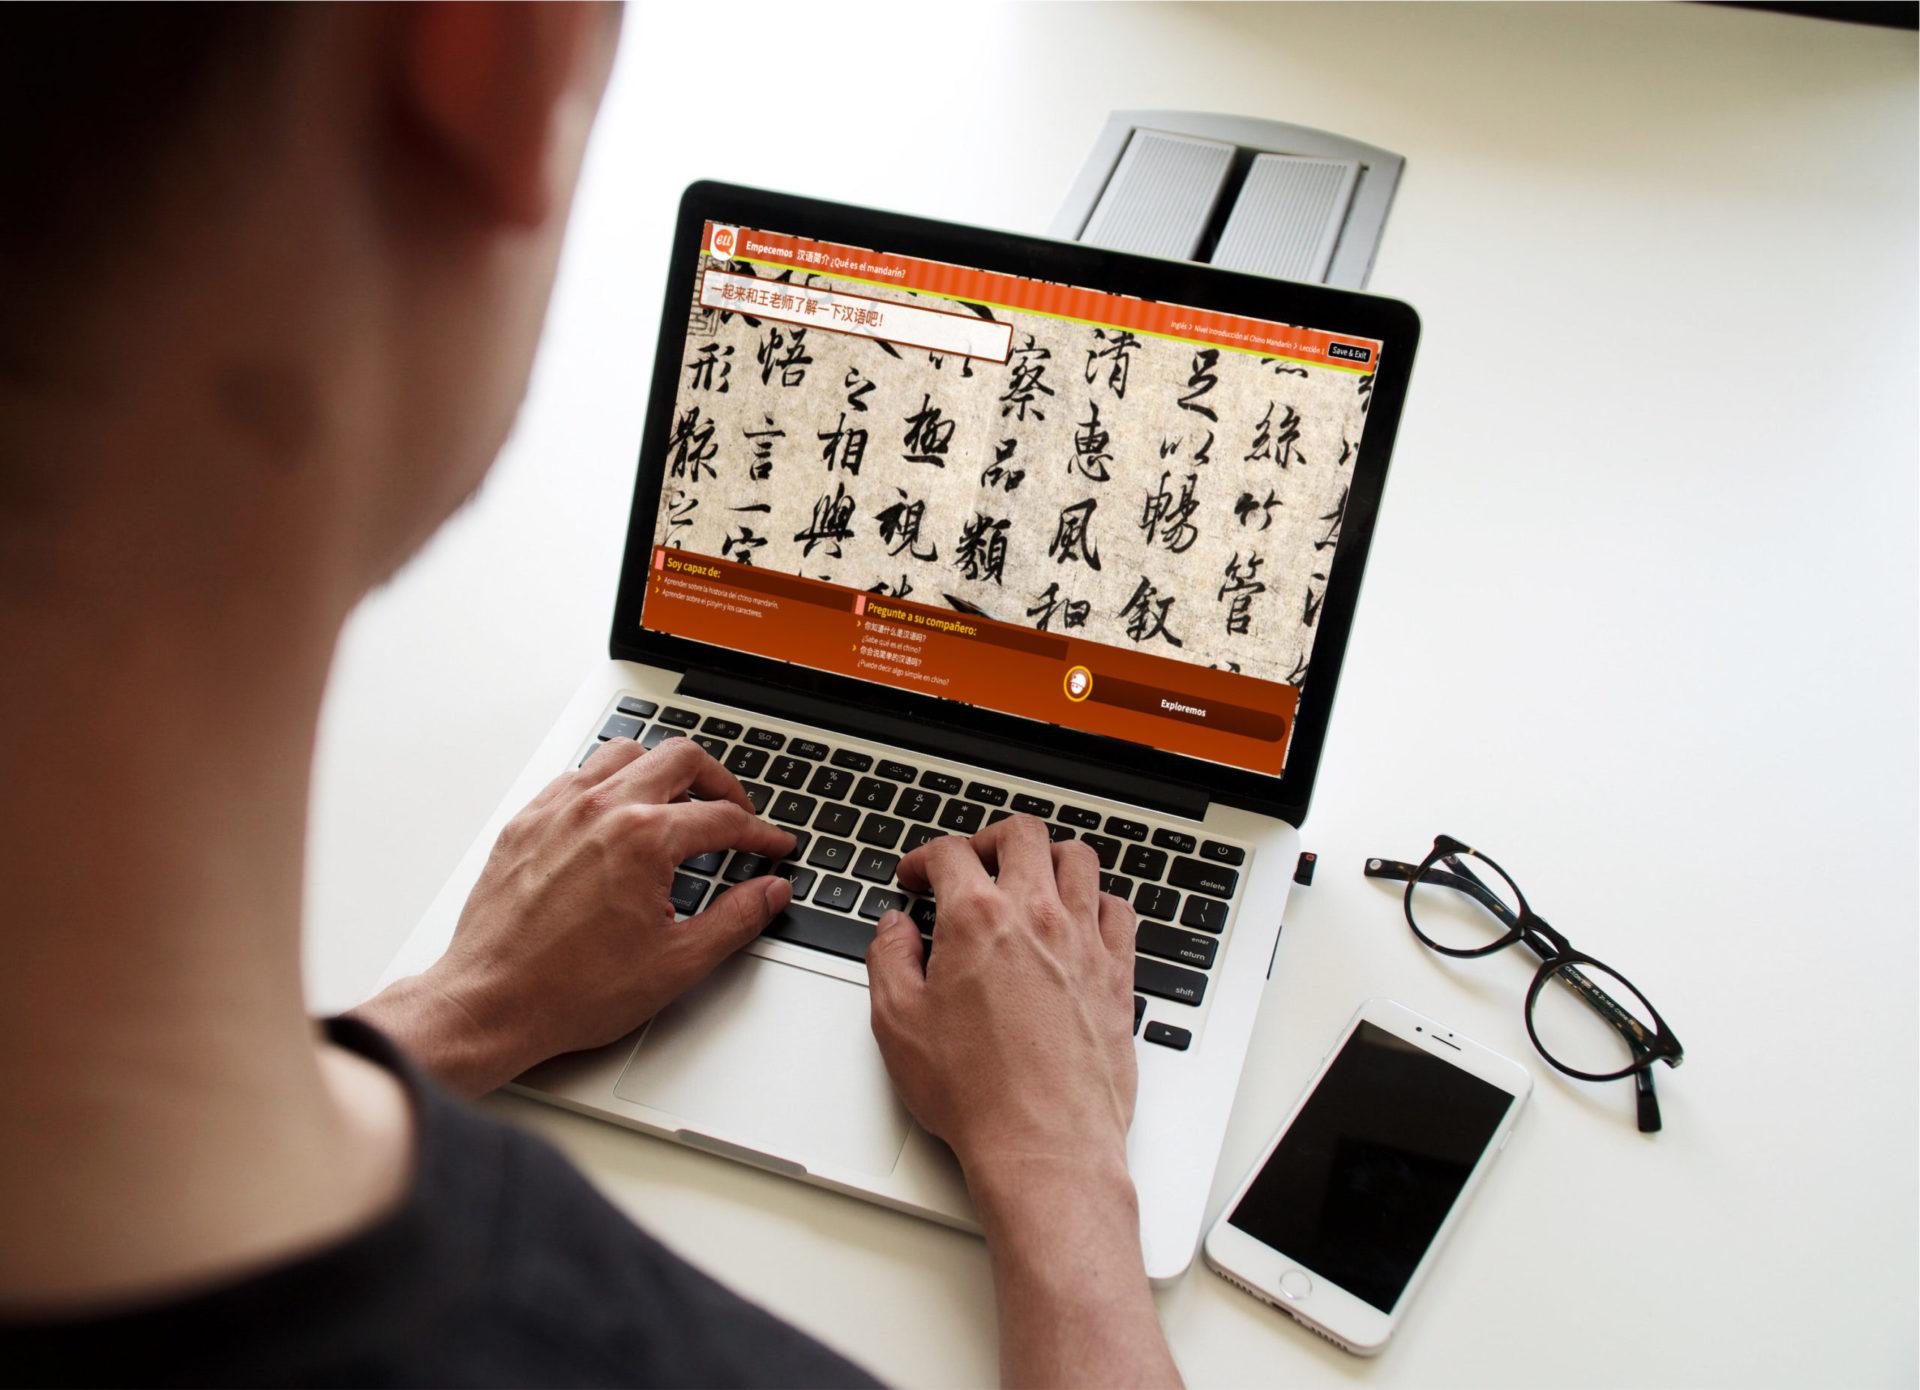 Portuguese course on laptop